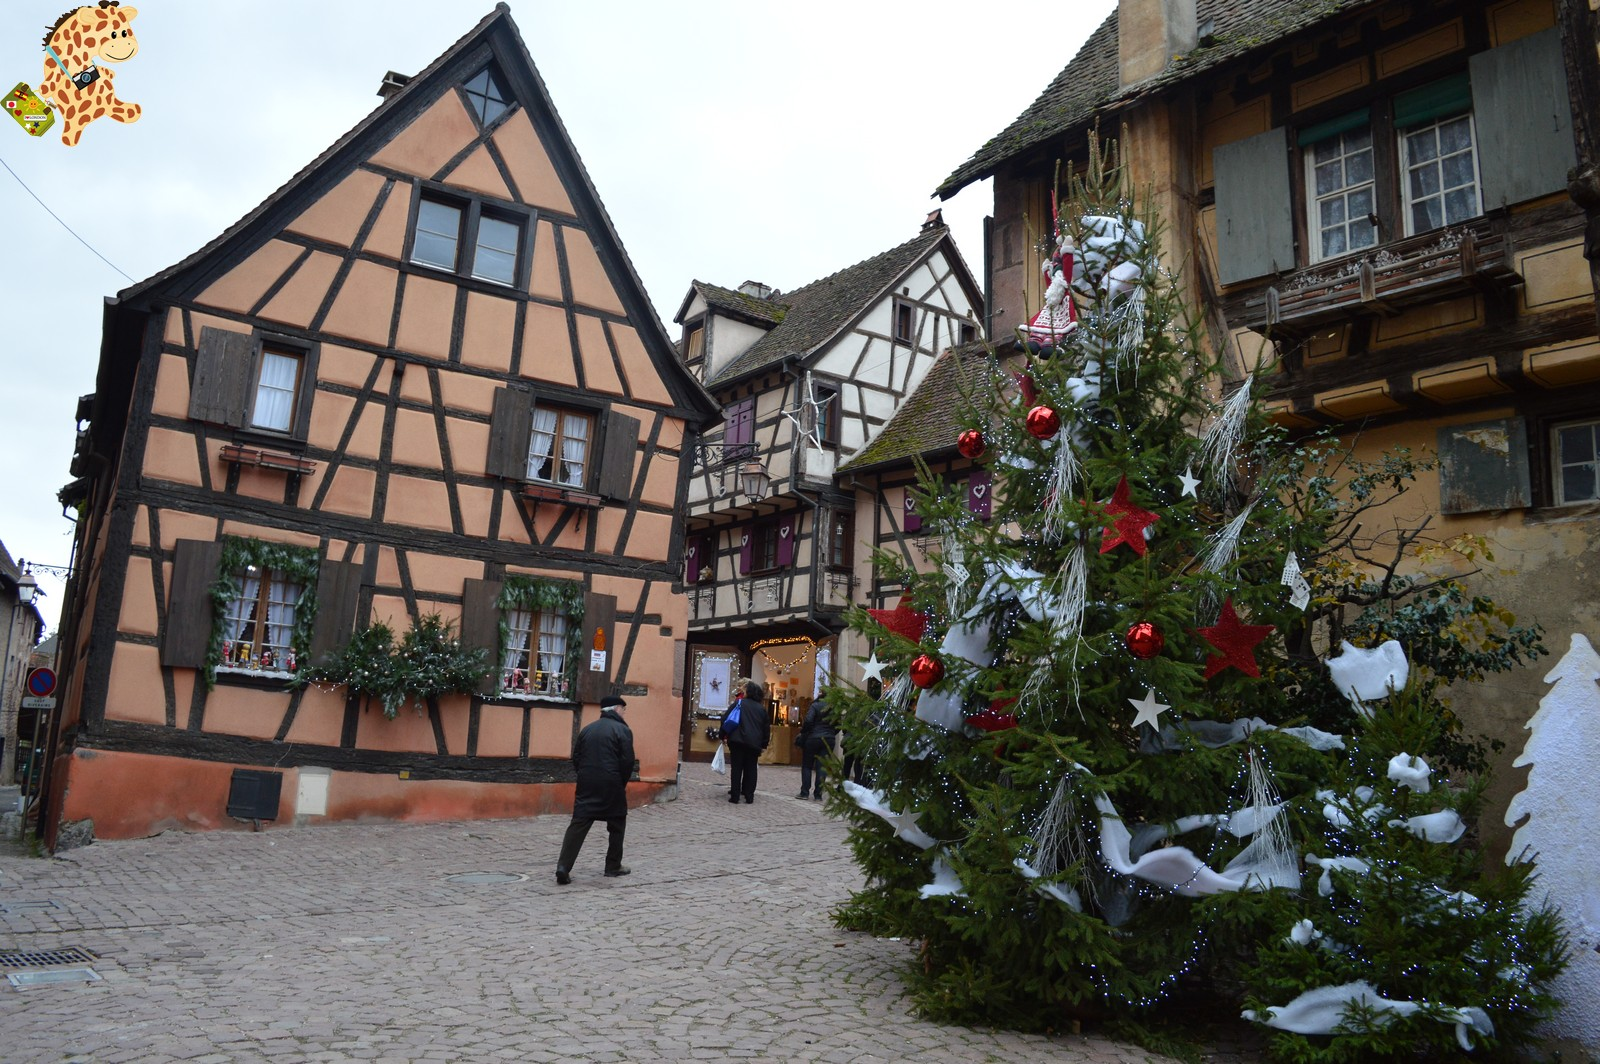 Qué ver en Alsacia (II): Kaysersberg, Riquewihr, Hunawihr y Ribeauvillé